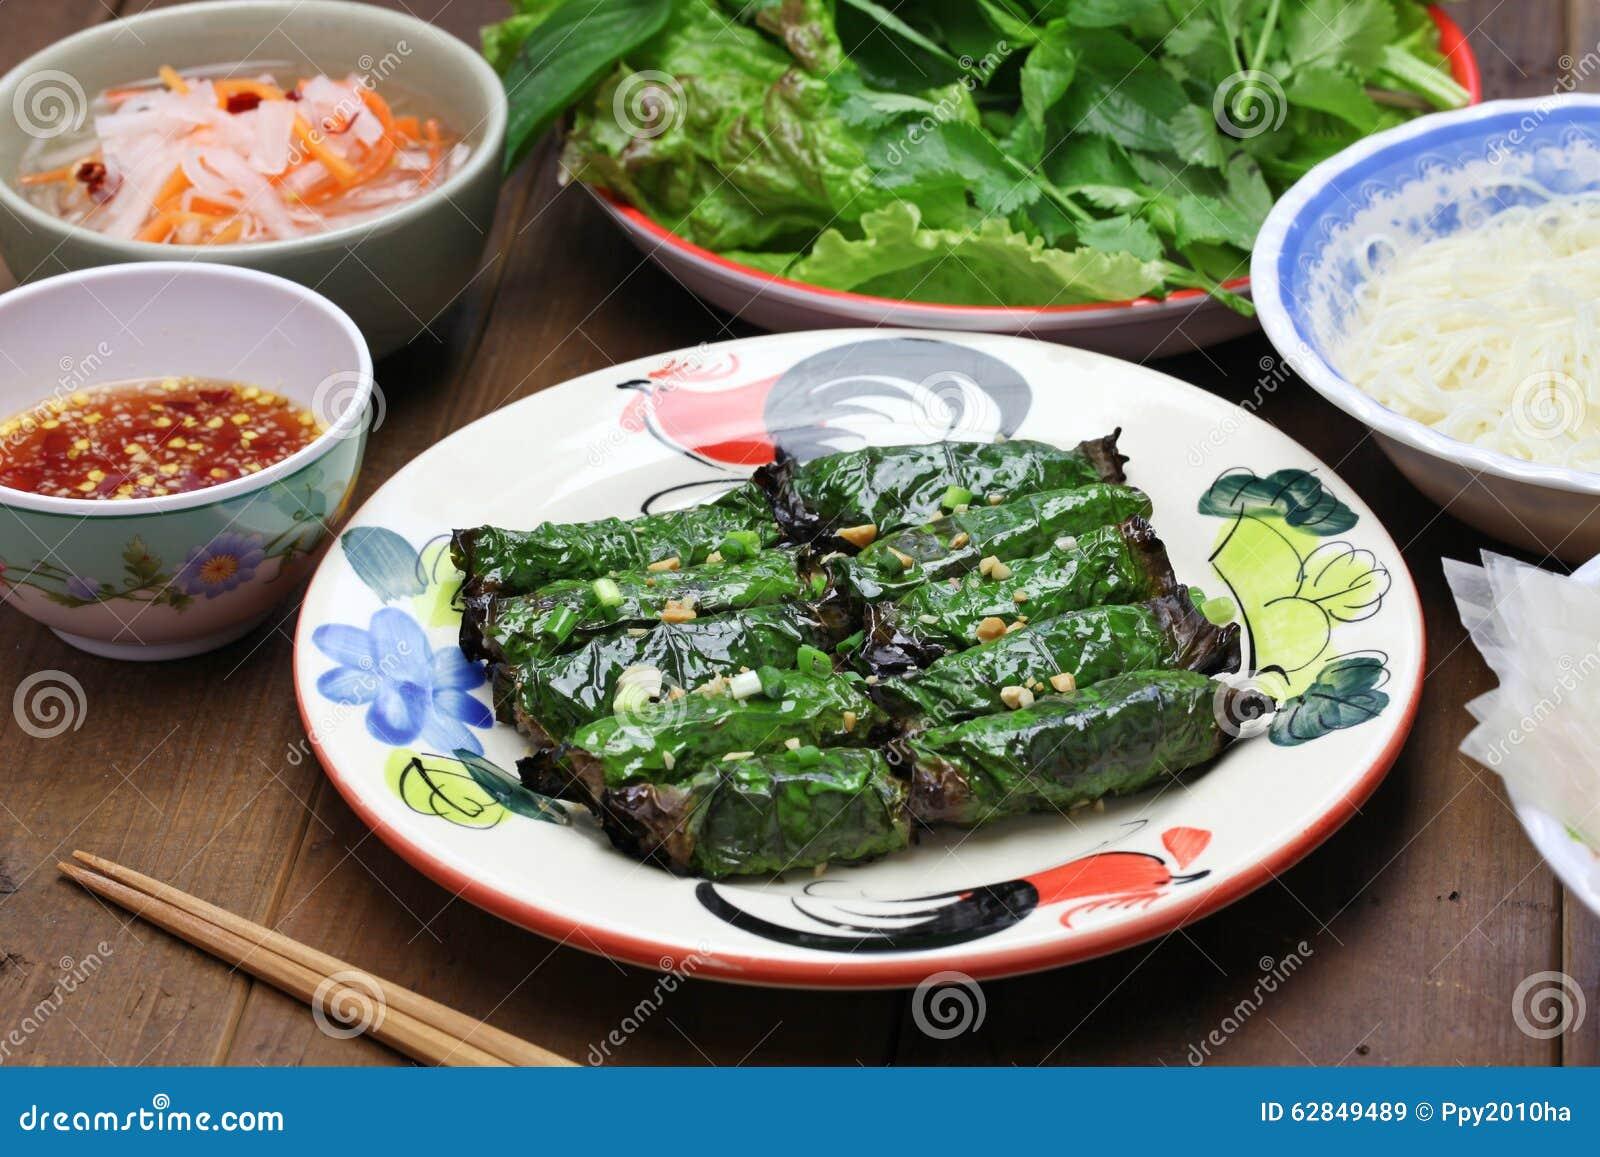 Grilled a haché le boeuf enveloppé dans la feuille de bétel, cuisine vietnamienne